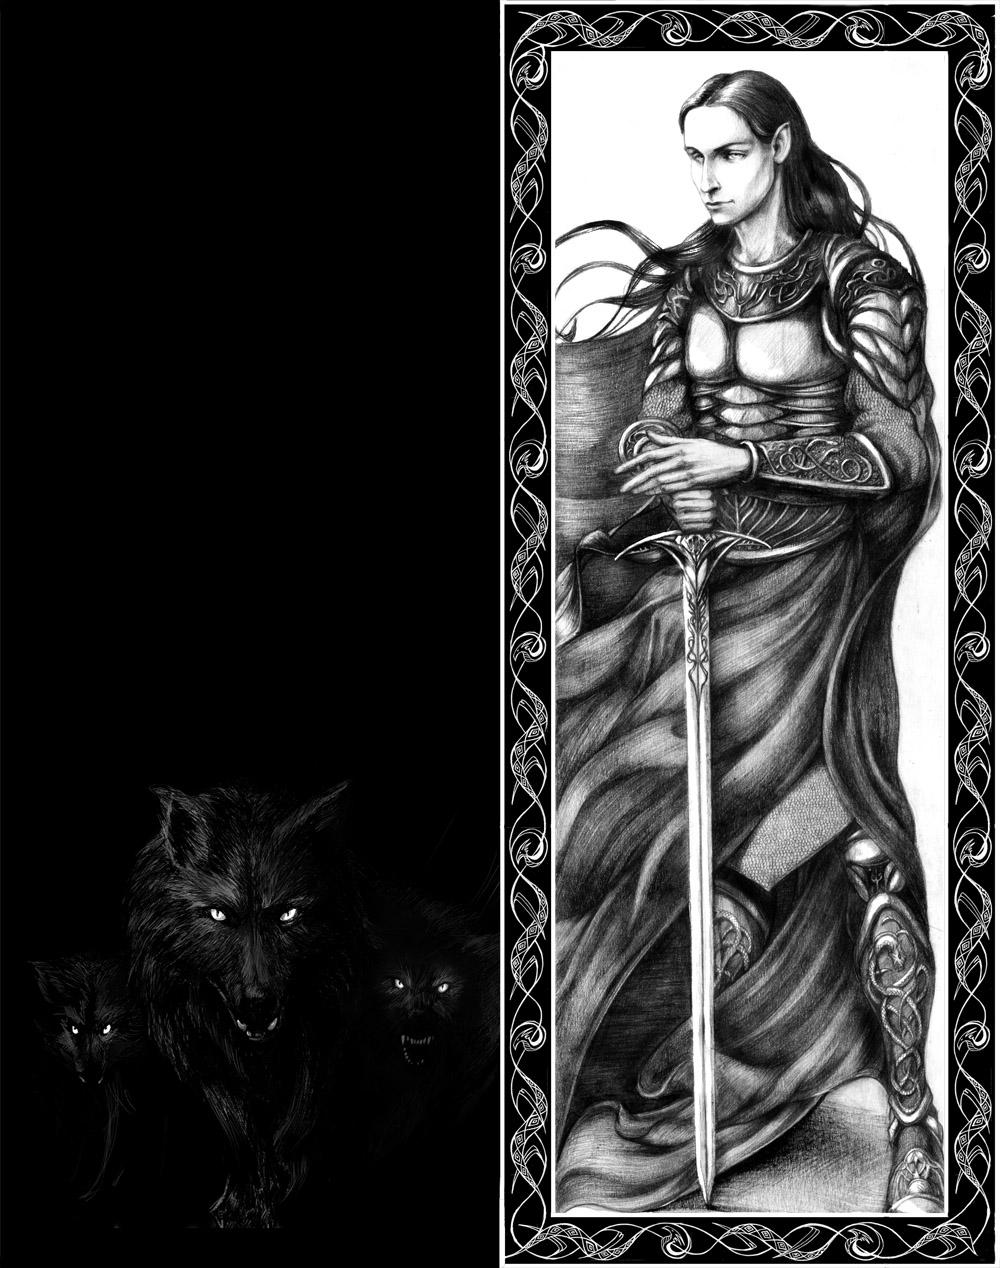 Толкин имя эльфов 25 фотография